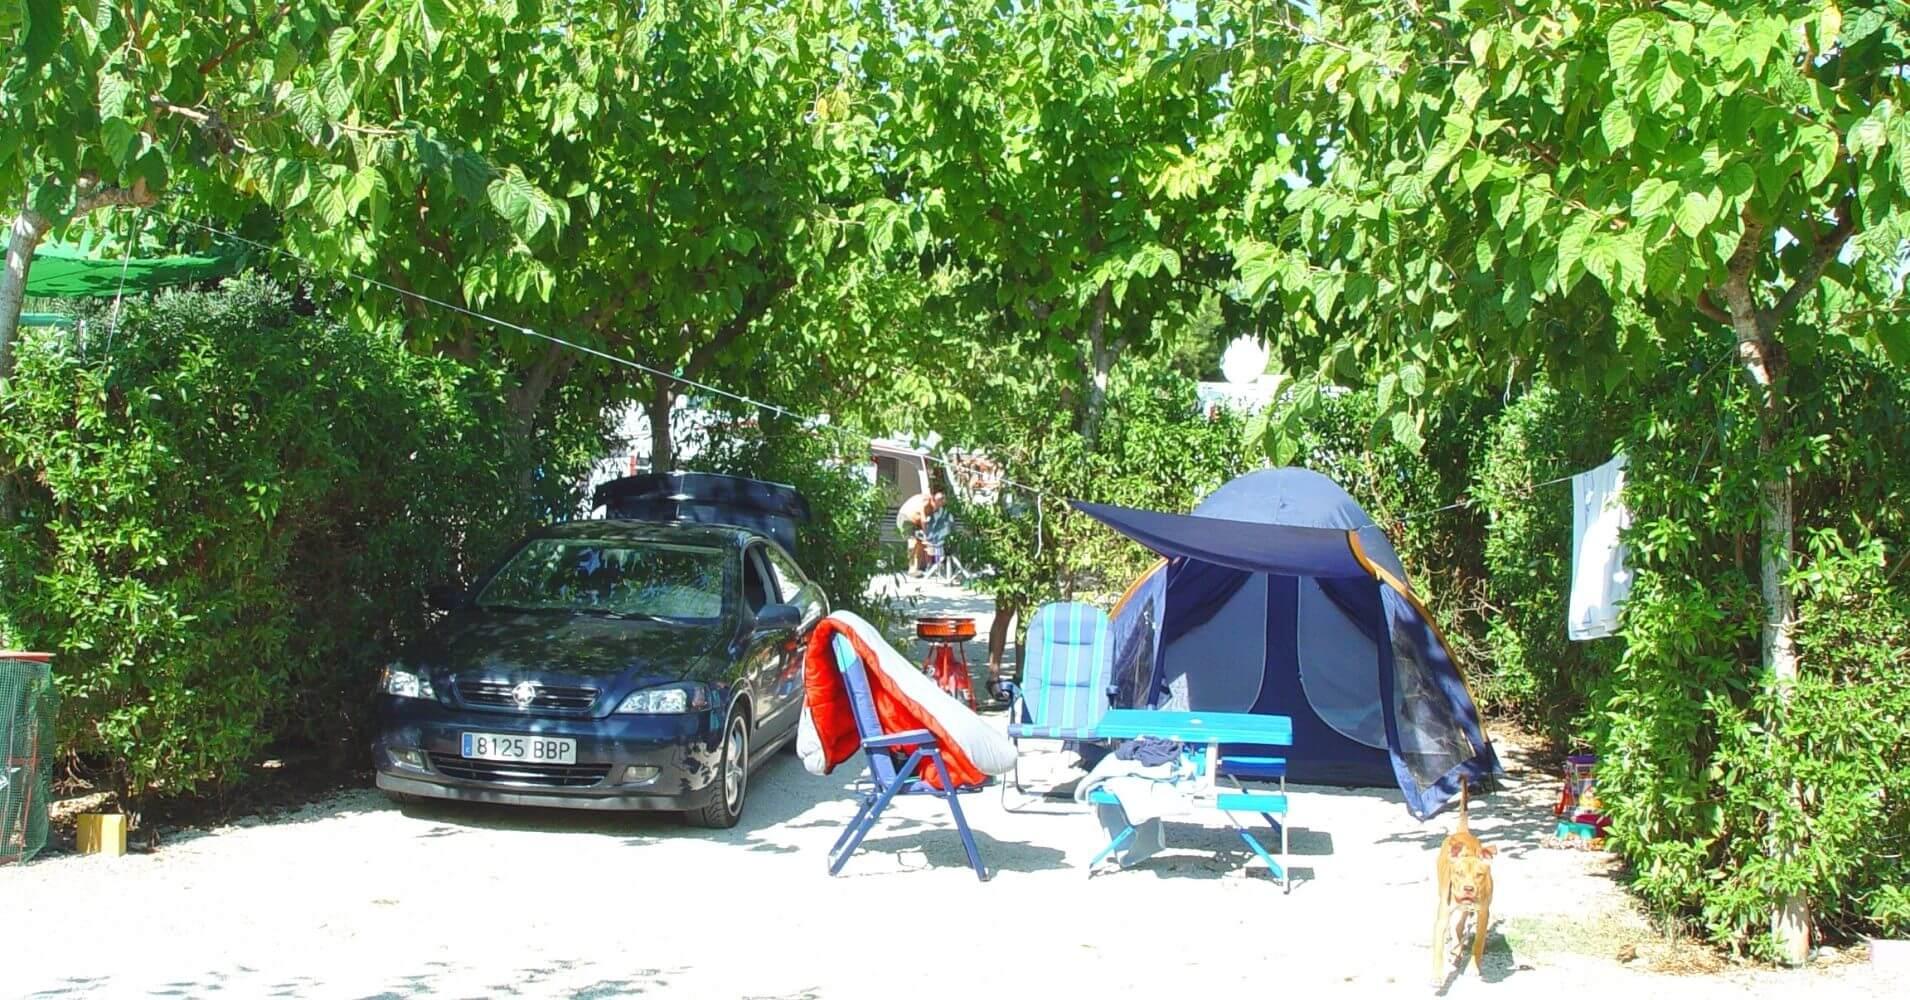 Parcelas del Camping La Marina Resort. La Marina, Elche. Alicante, Comunidad Valenciana. España.